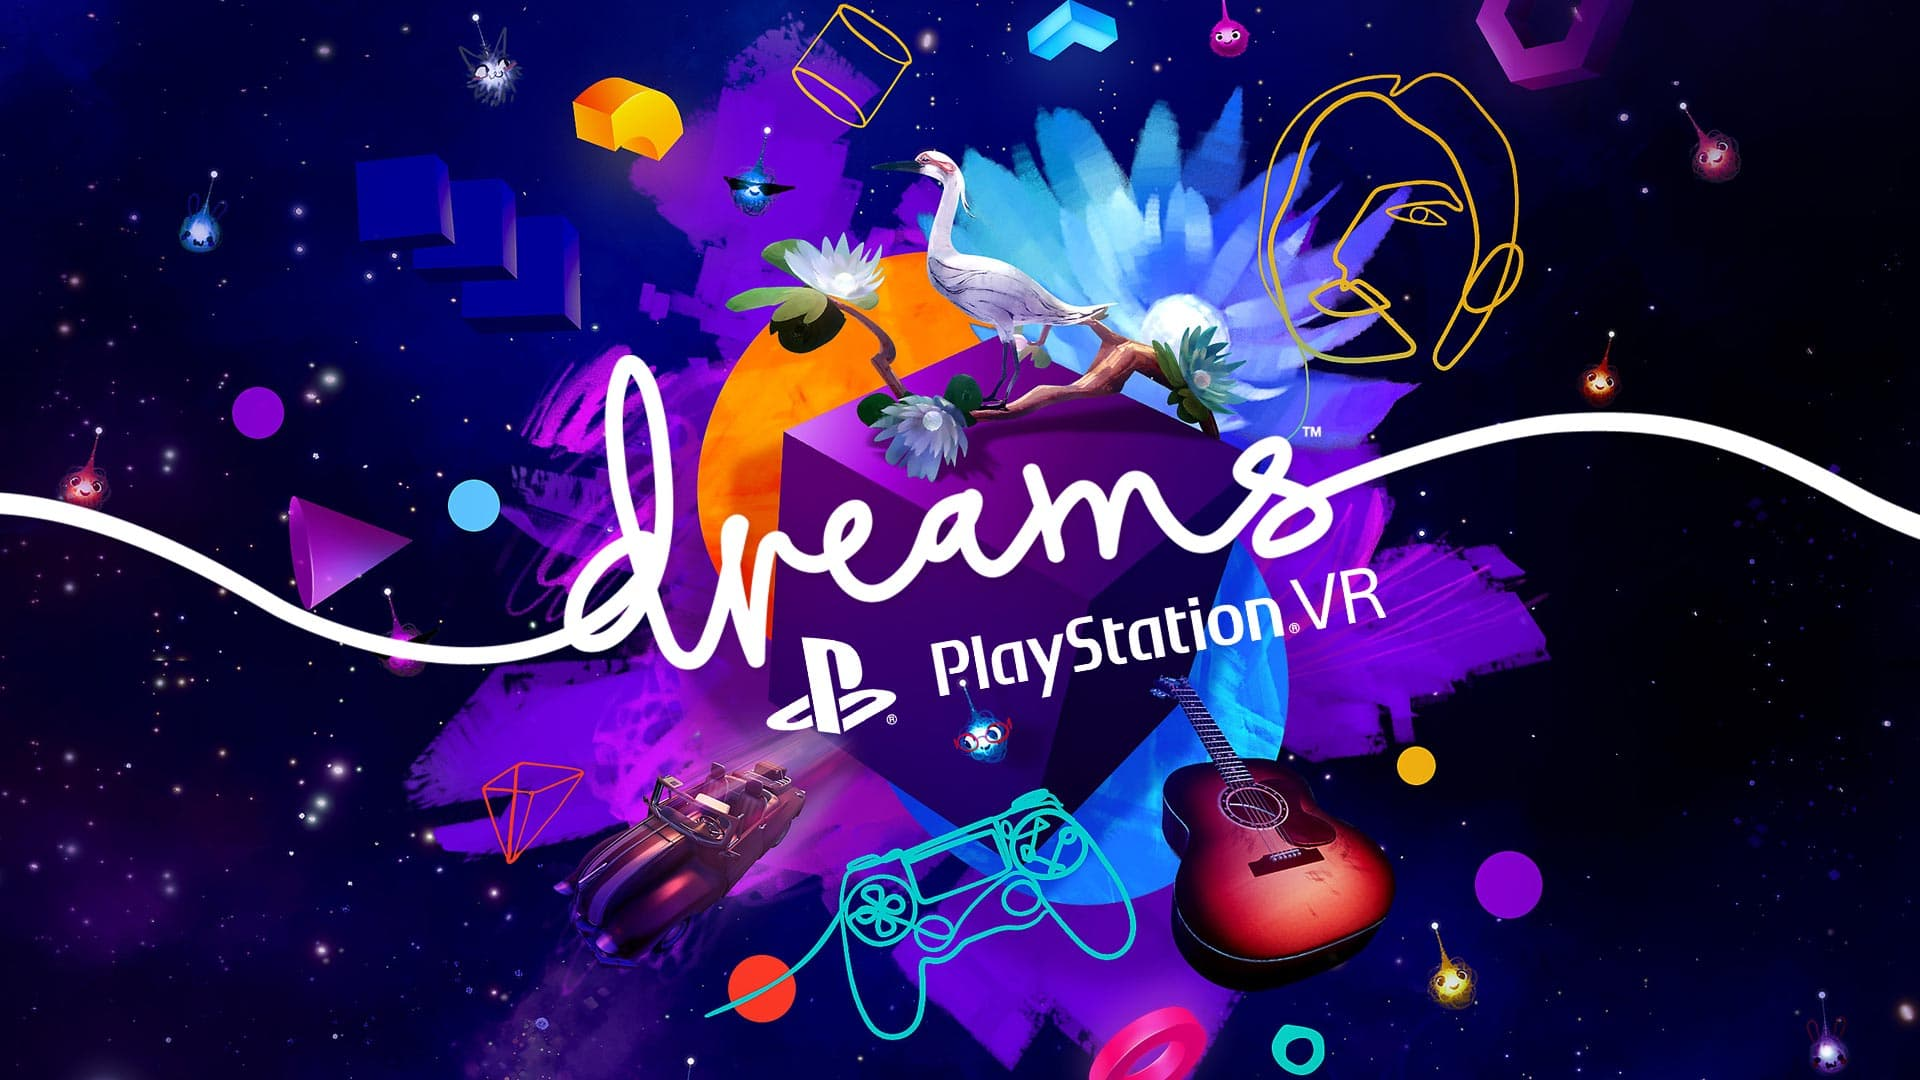 Dreams PSVR : Le jeu qui pourrait sauver le PlayStation VR !